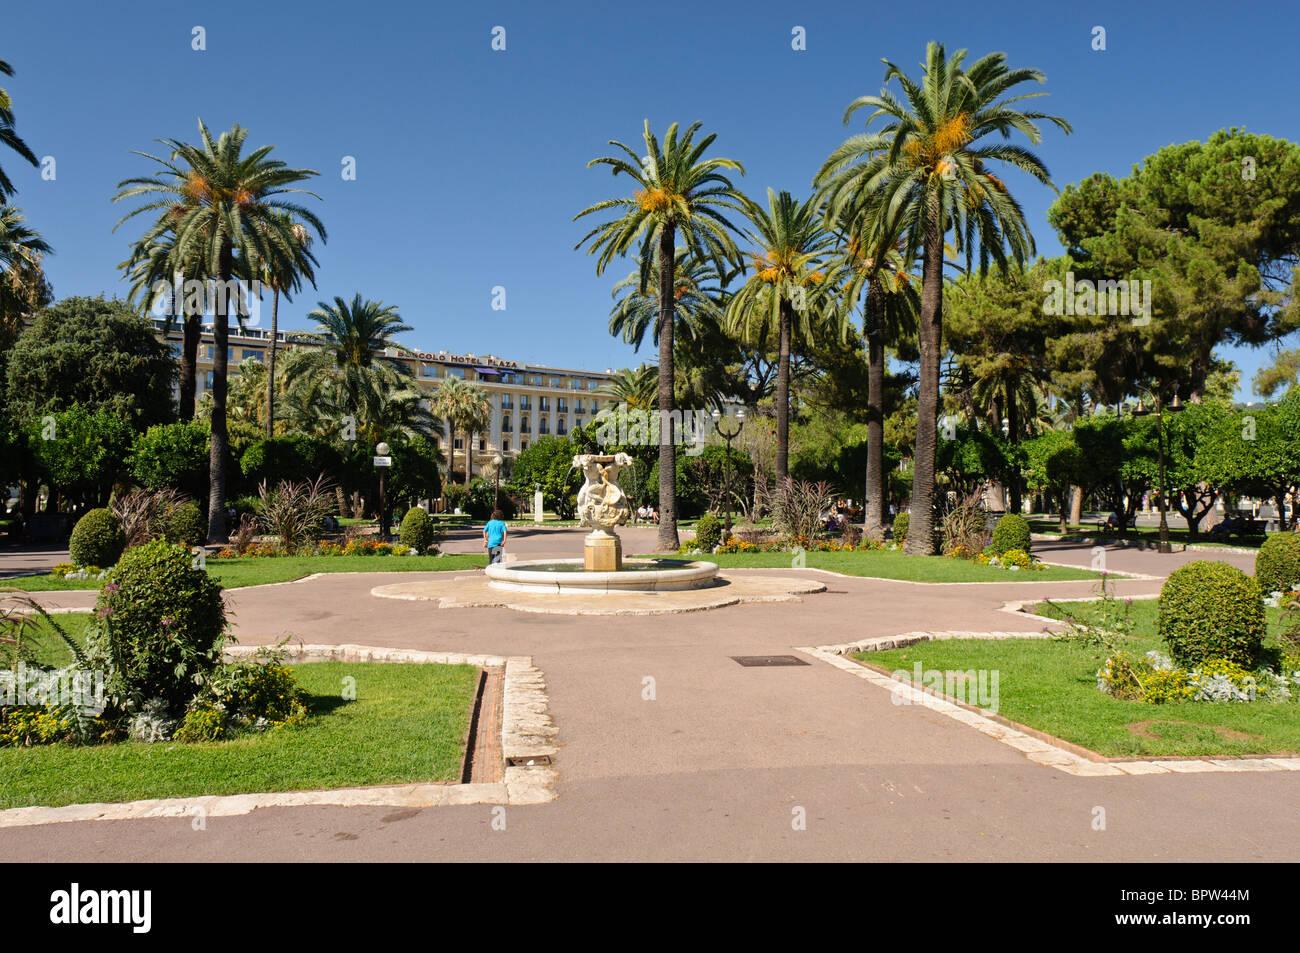 Jardin albert 1er nice france stock photo royalty free for Jardin nice